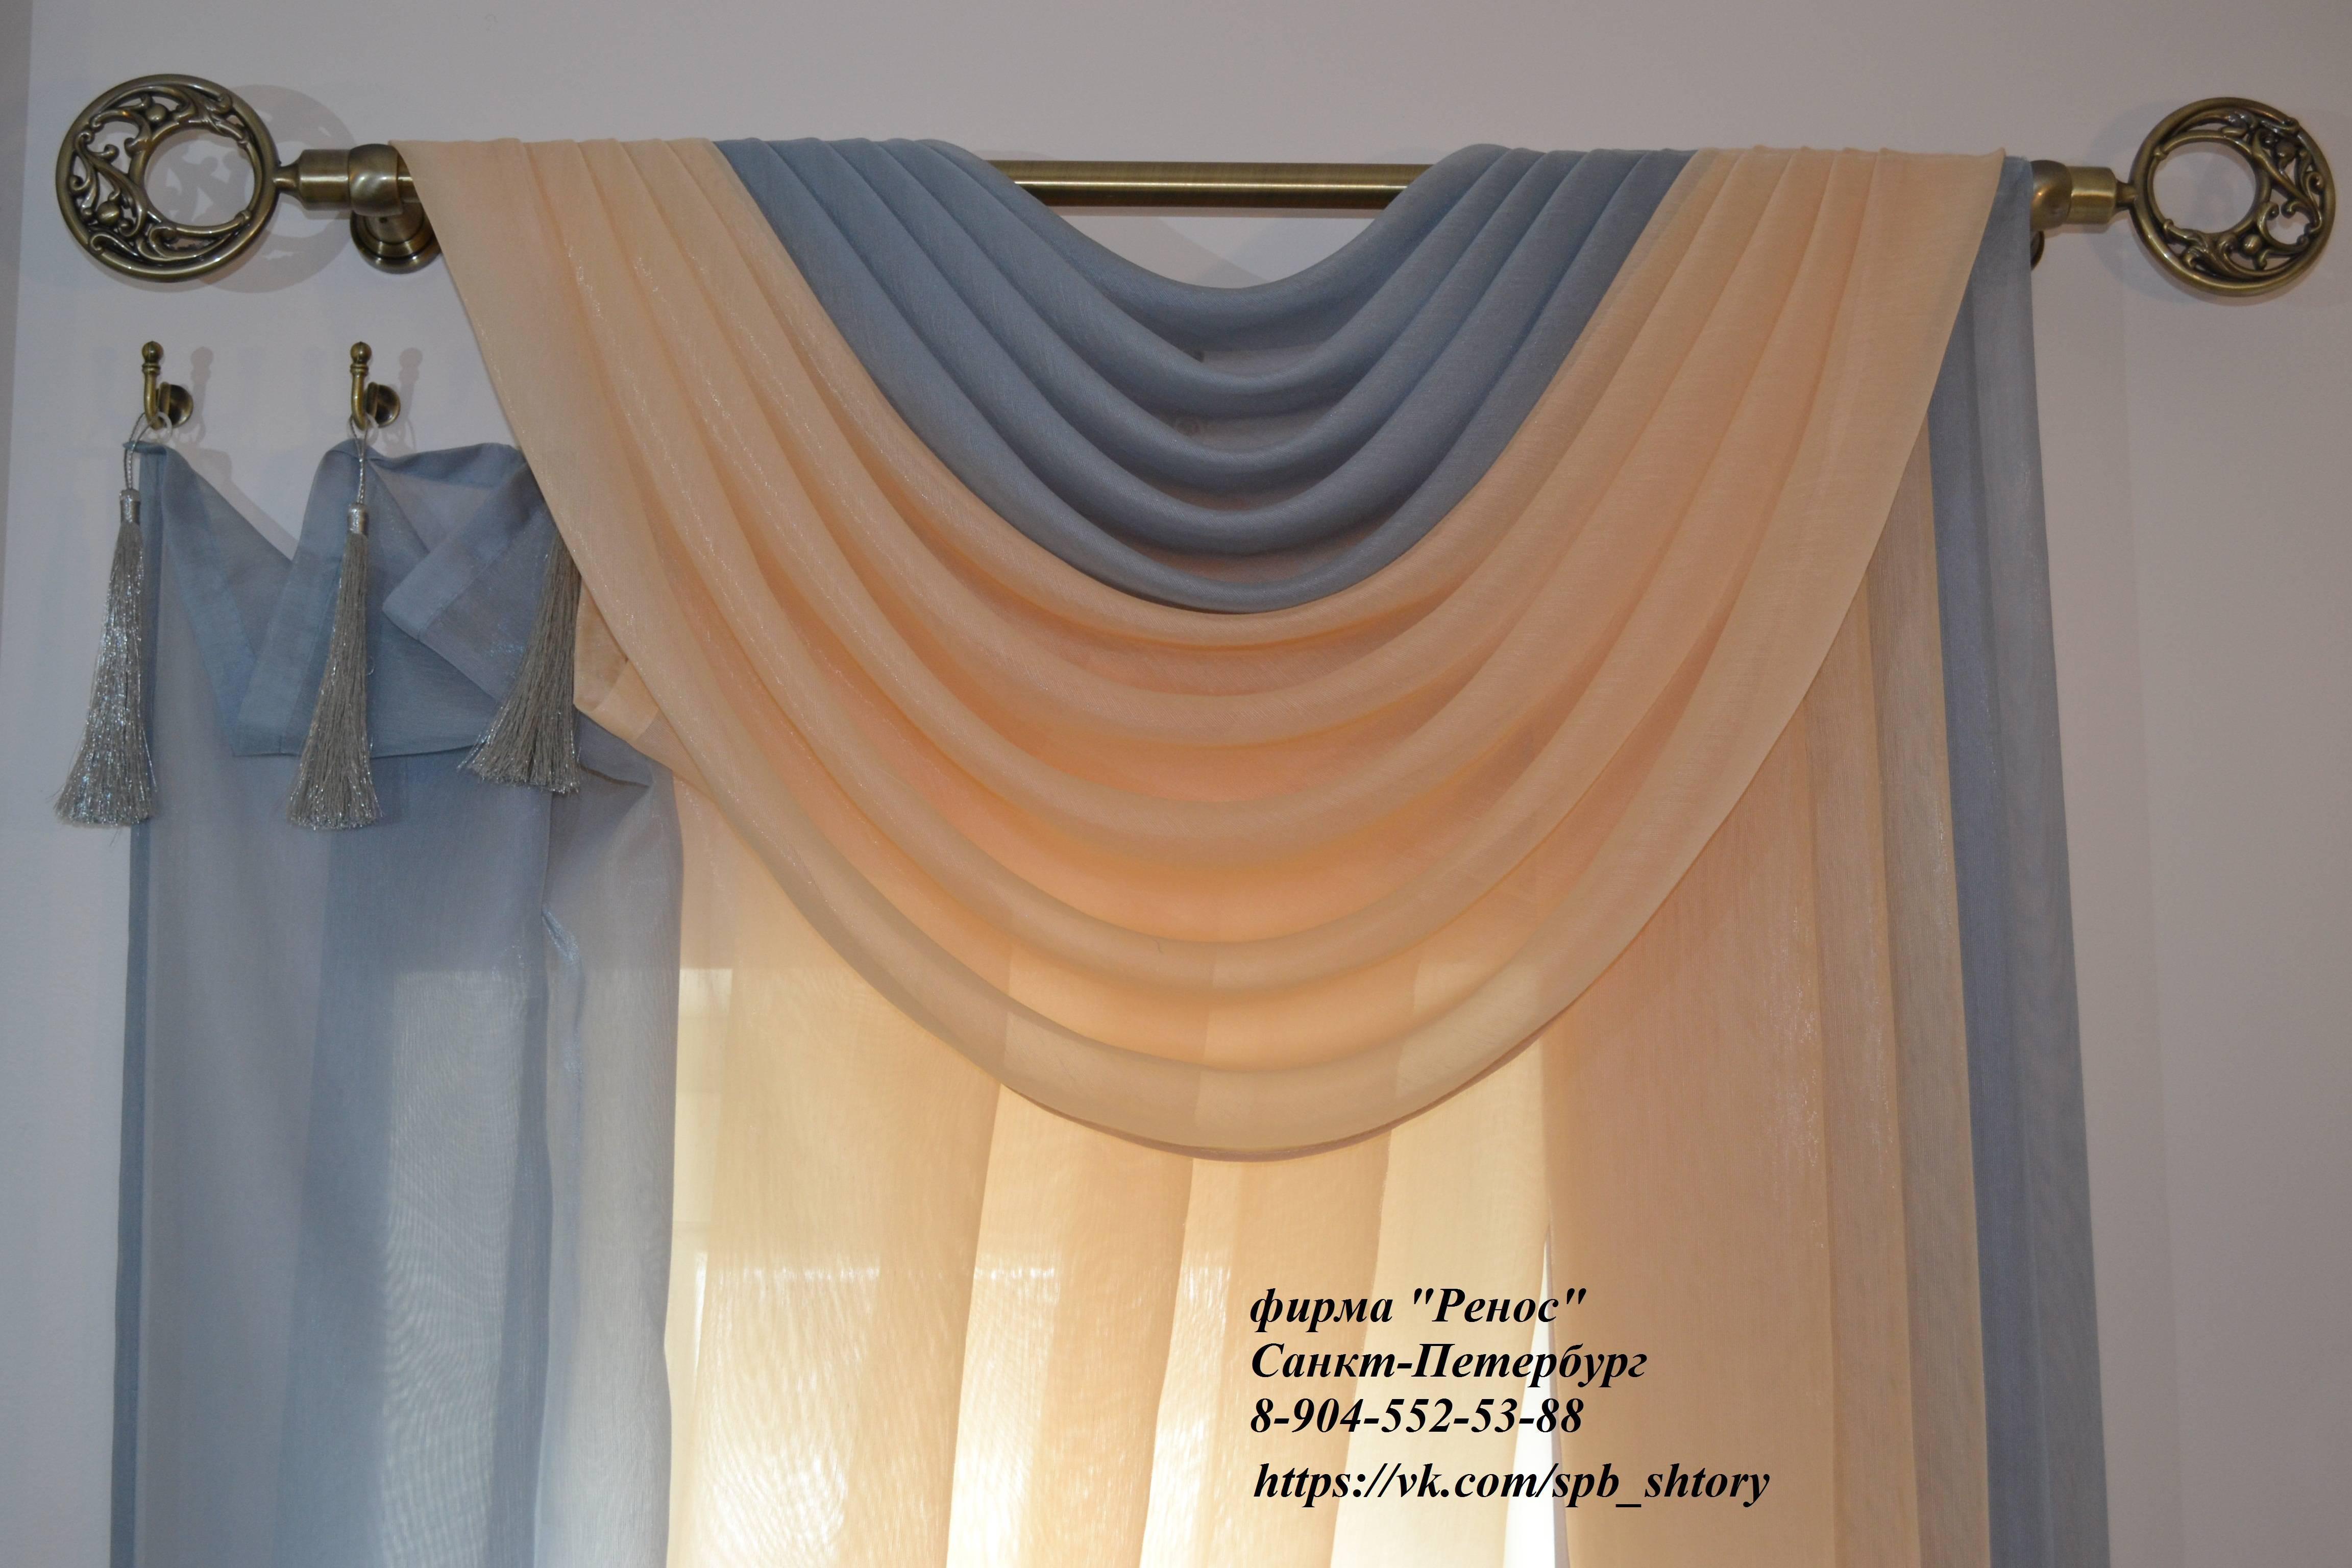 Дизайн и пошив штор в спб